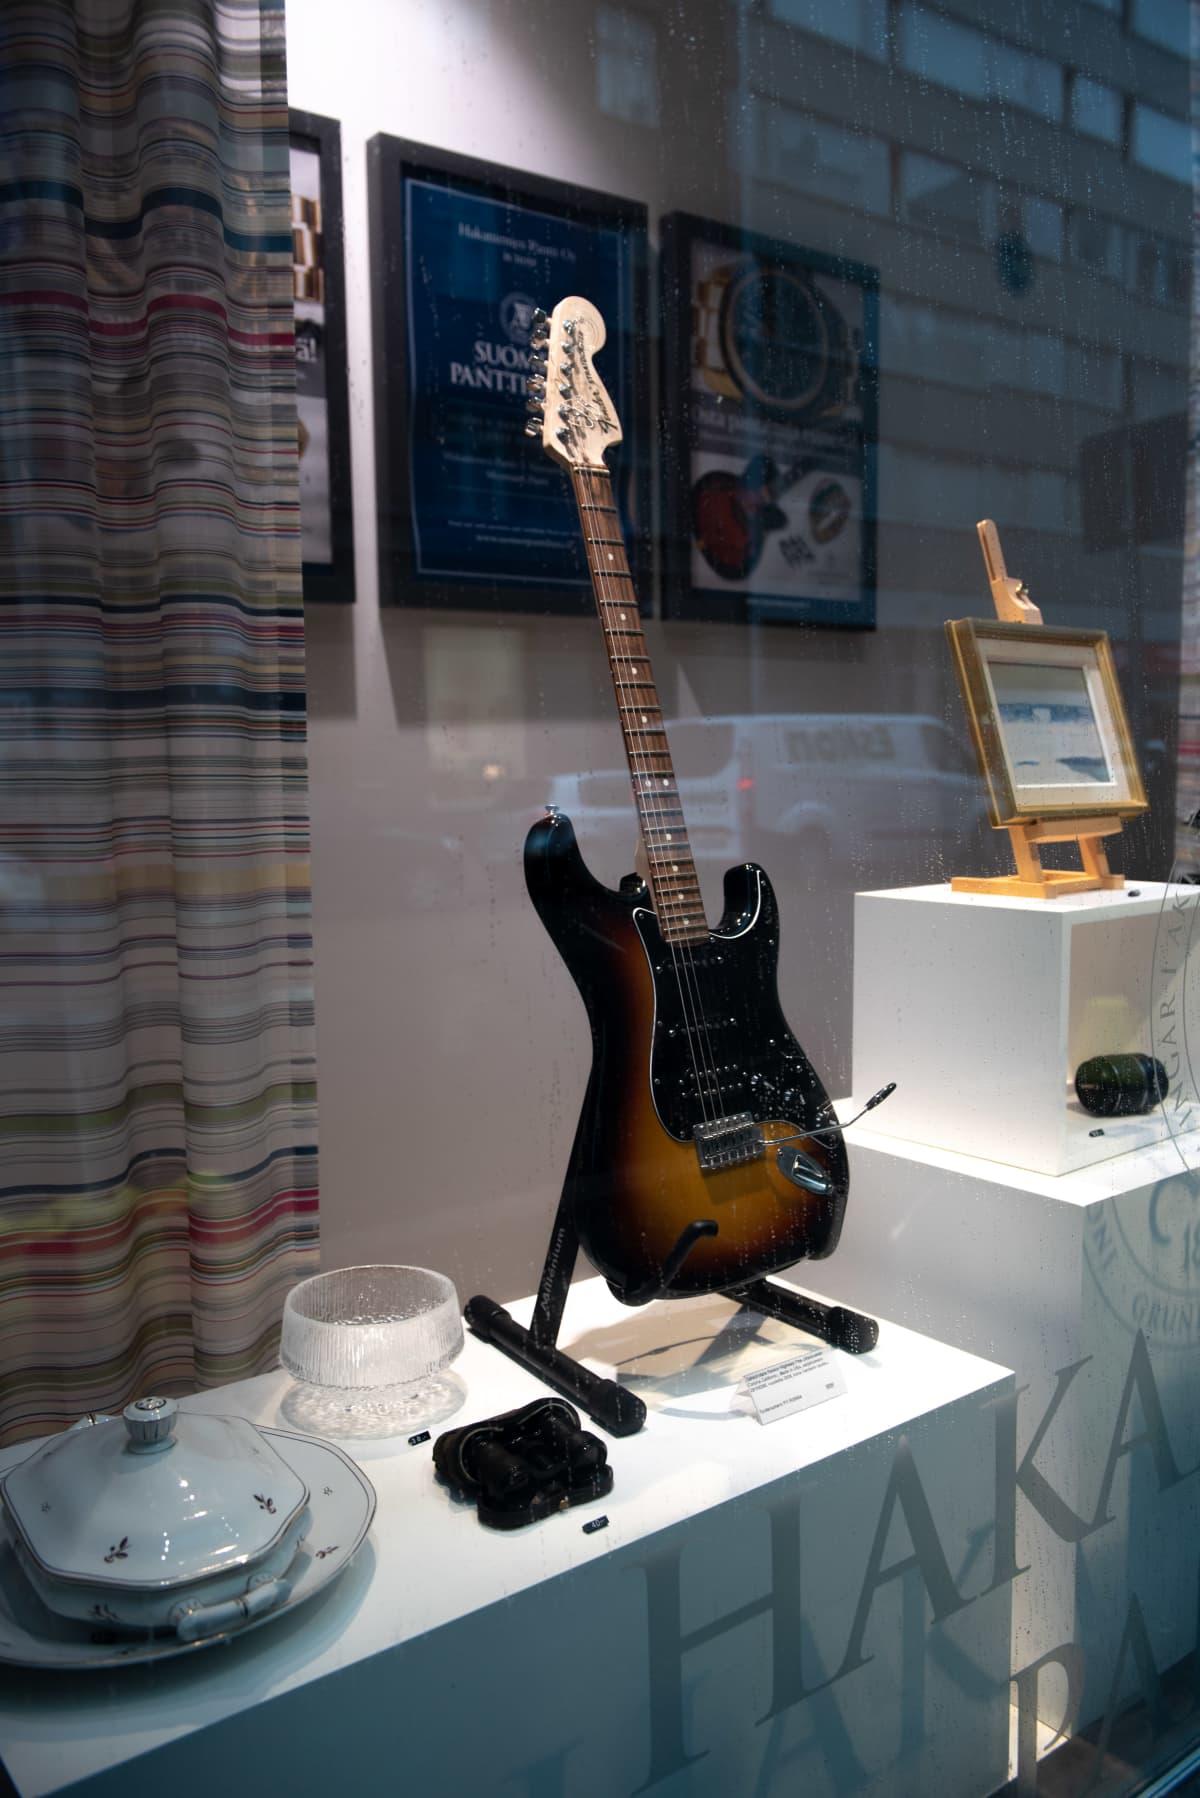 Näyteikkunassa kitara, kiikarit ja lasiesineitä.